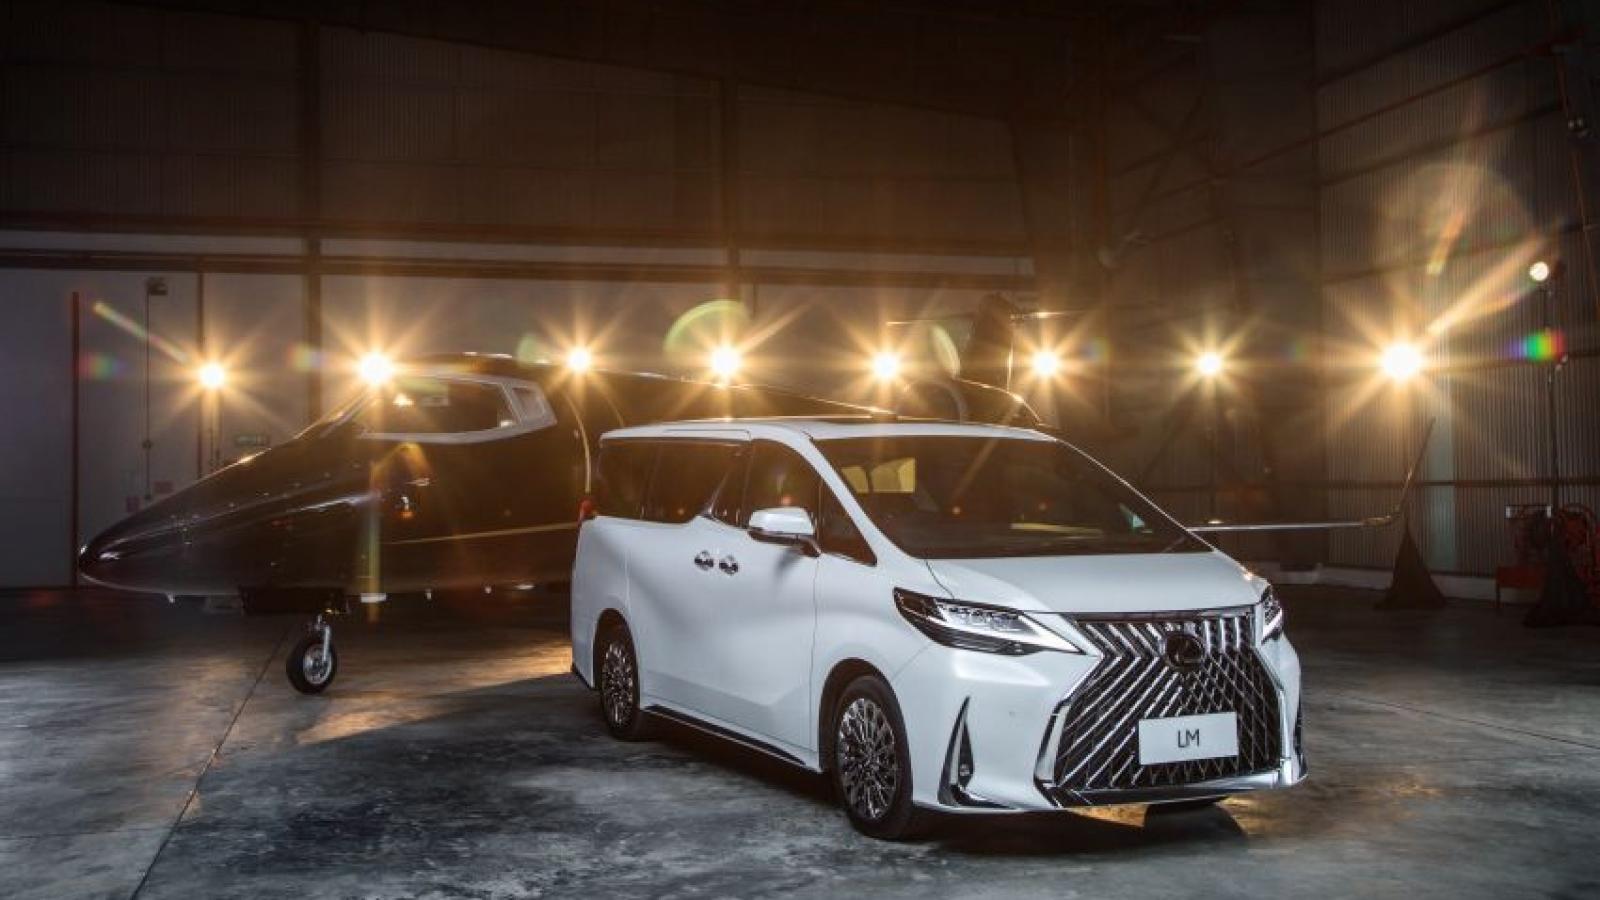 Lexus LM 350 giá hơn 6 tỷ đồng tại Malaysia có gì đặc biệt?